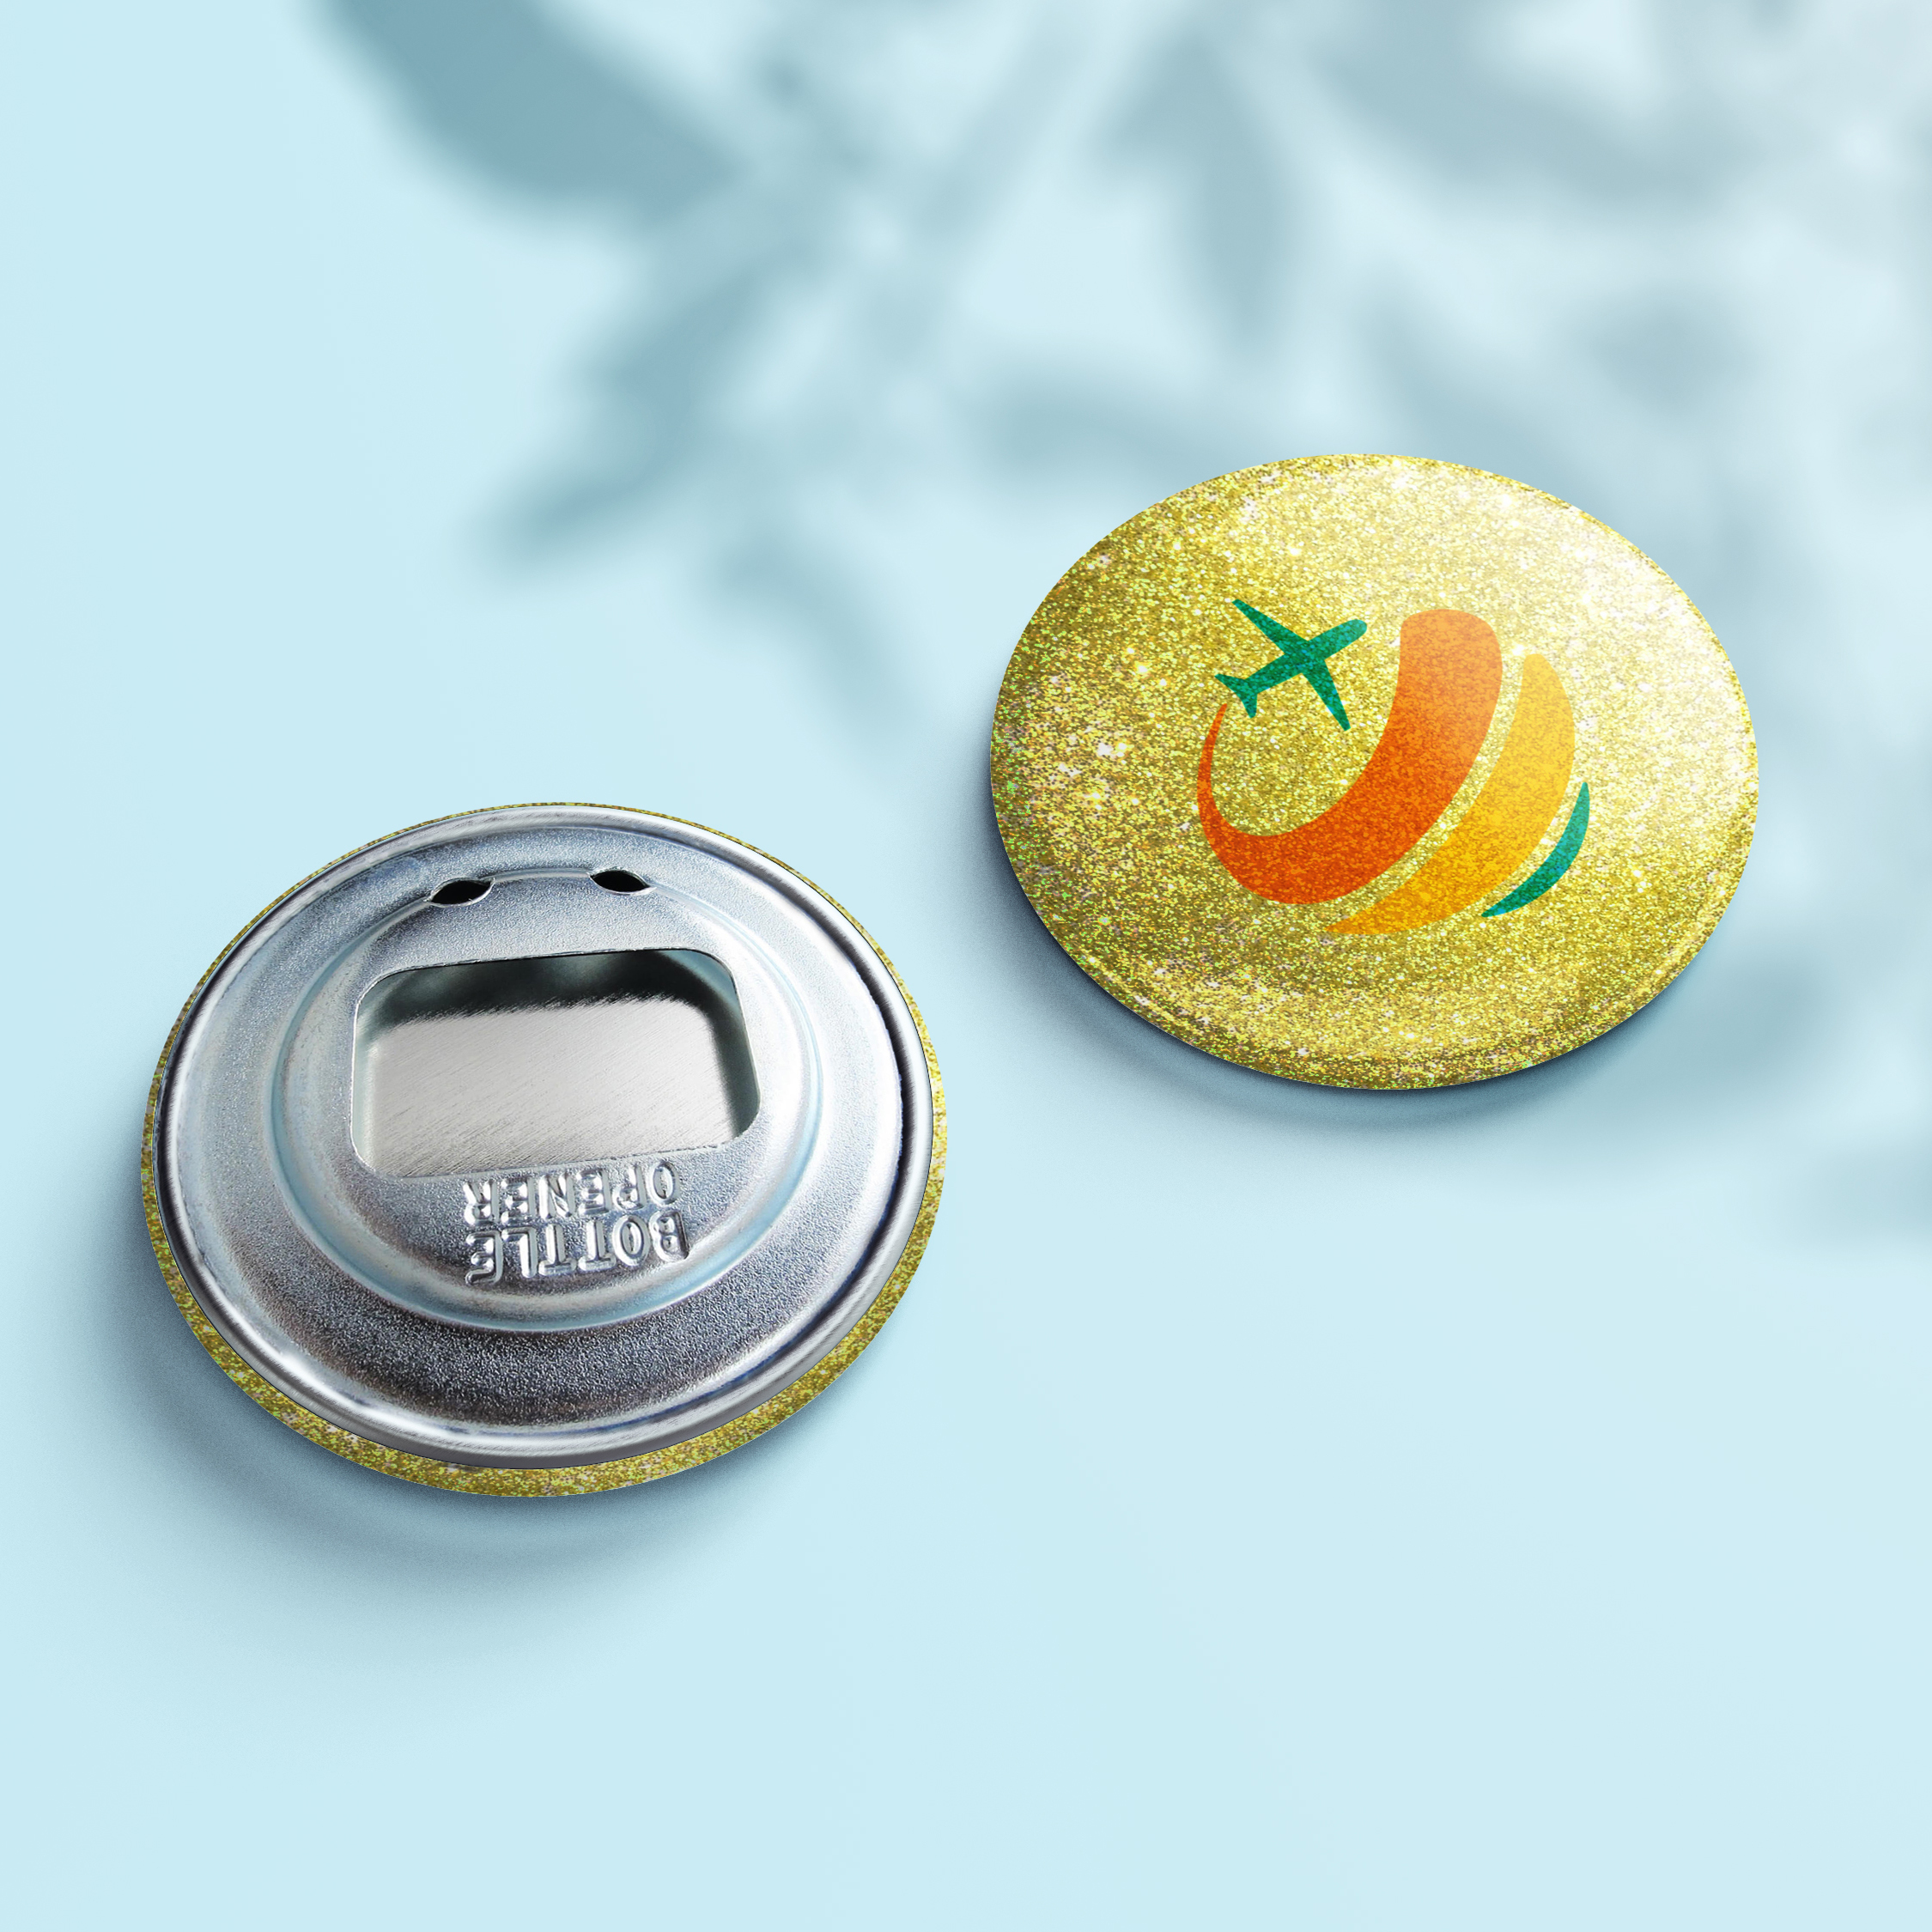 Flaschenöffner Glitzer Button - Design Gold